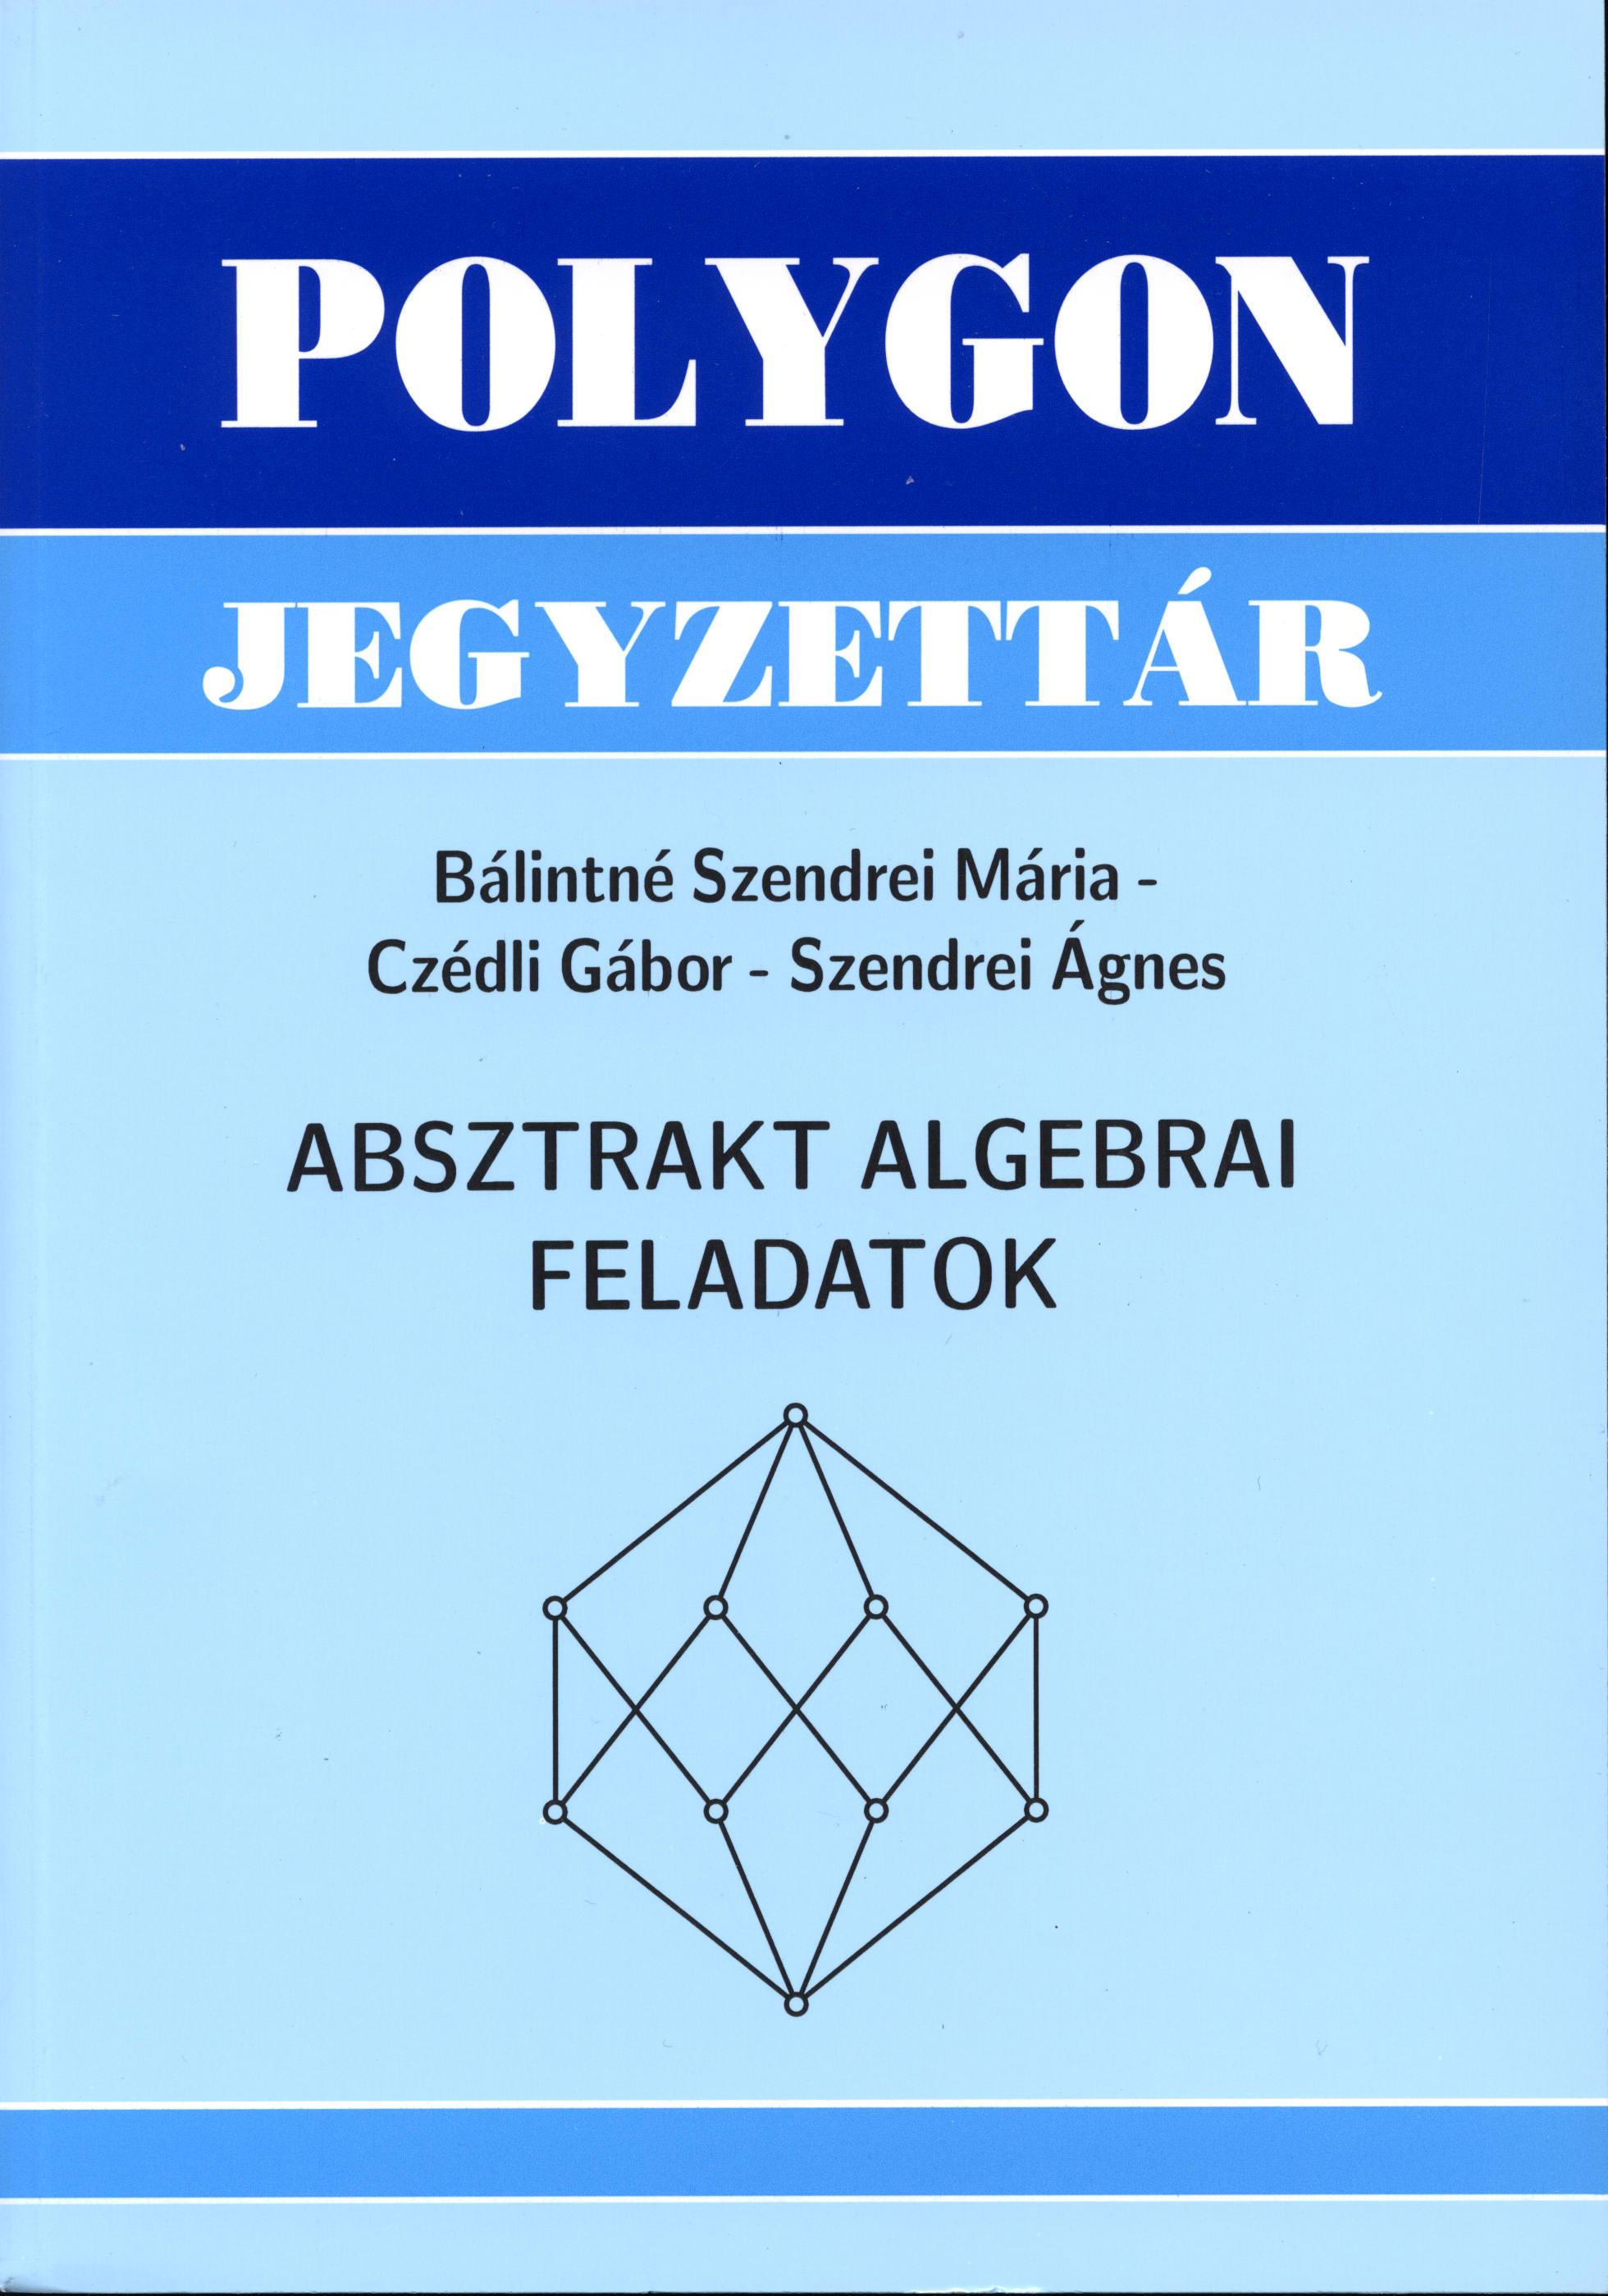 Absztrakt algebrai feladatok - Polygon jegyzet